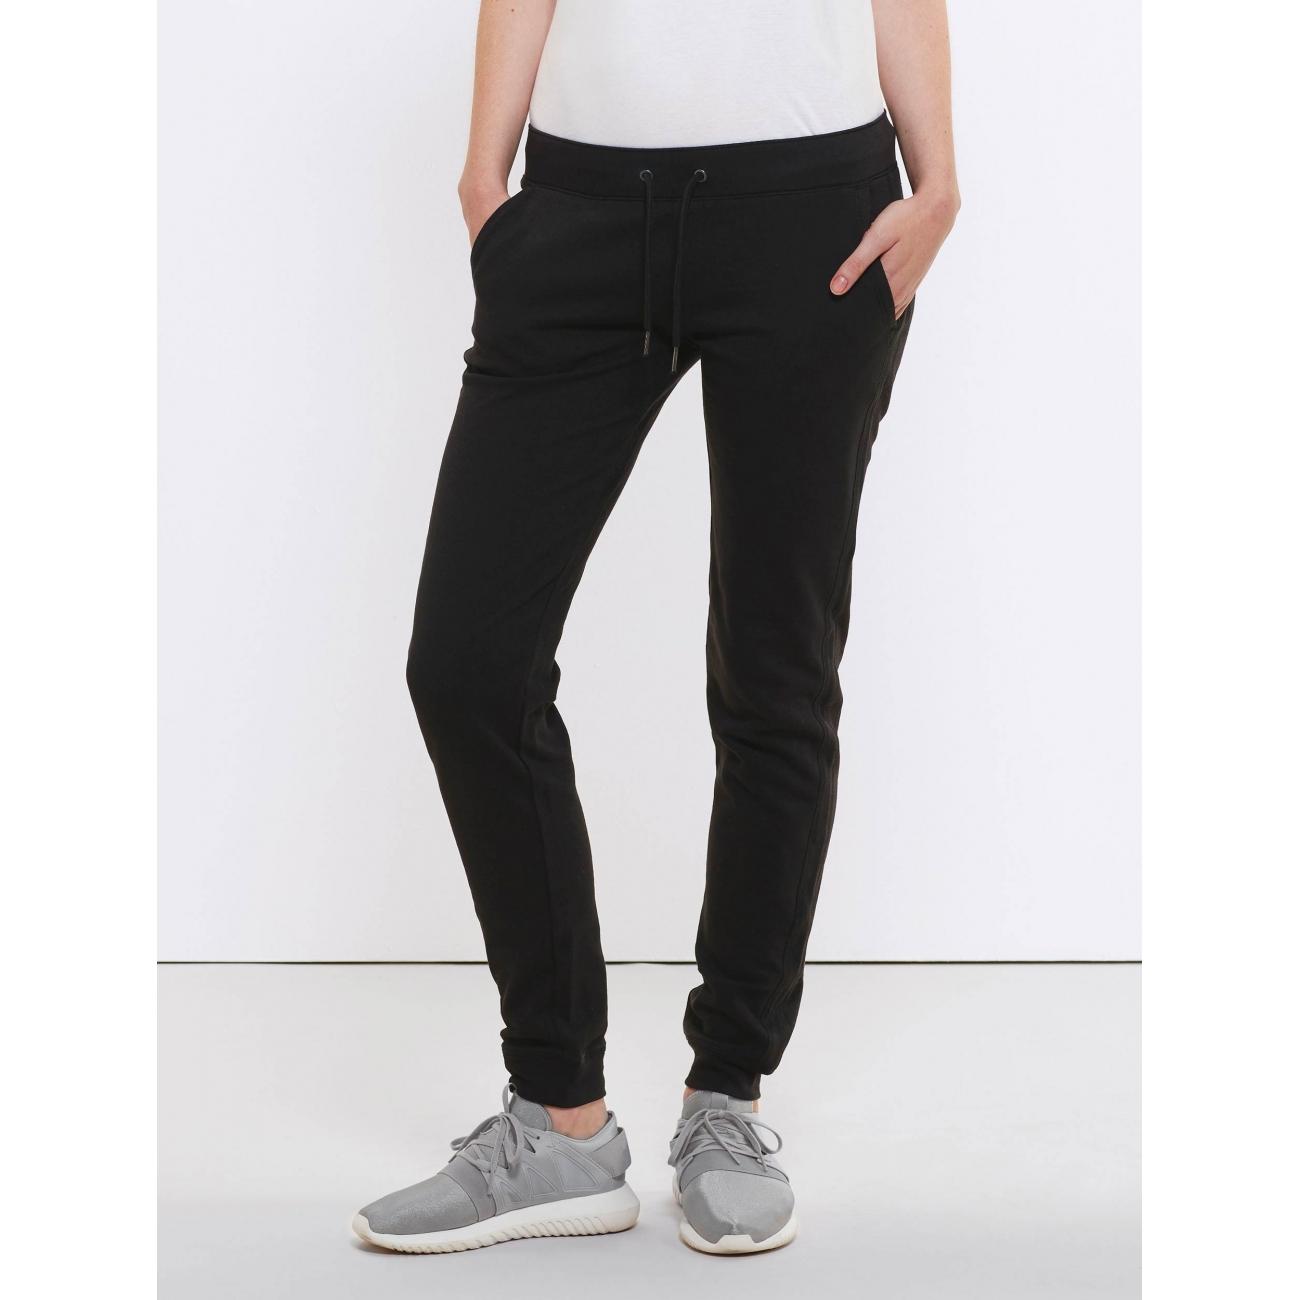 https://tee-shirt-bio.com/5624-thickbox_default/pantalon-de-jogging-en-coton-bionoir-pour-femme.jpg